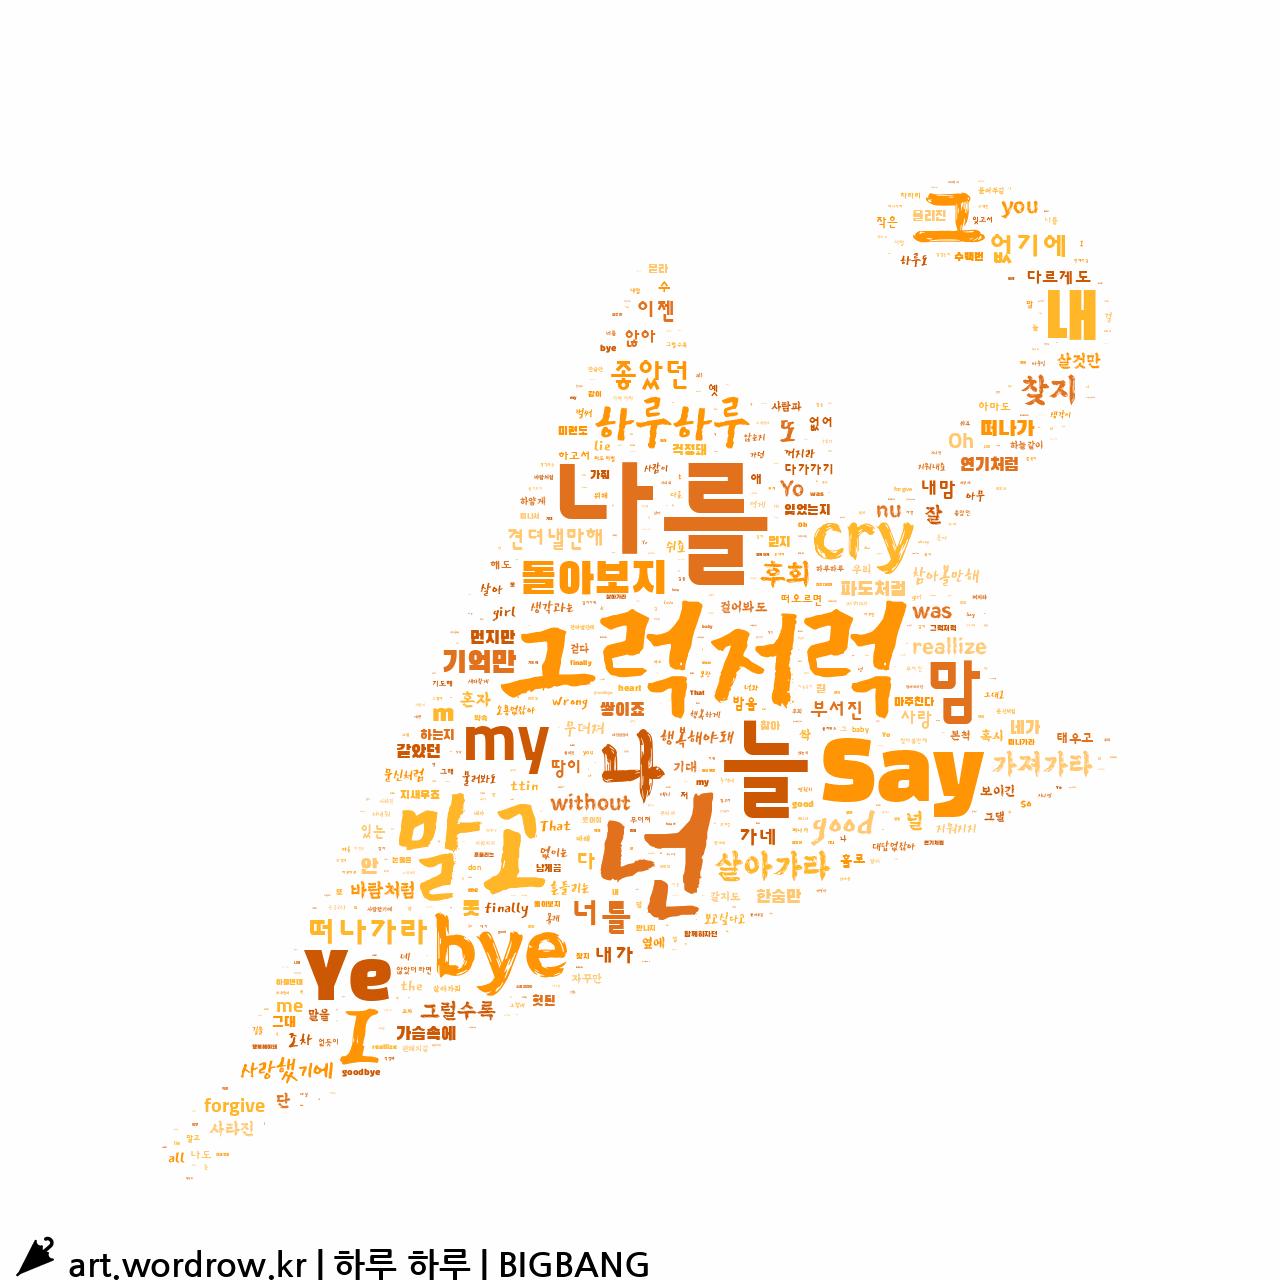 워드 아트: 하루 하루 [BIGBANG]-71